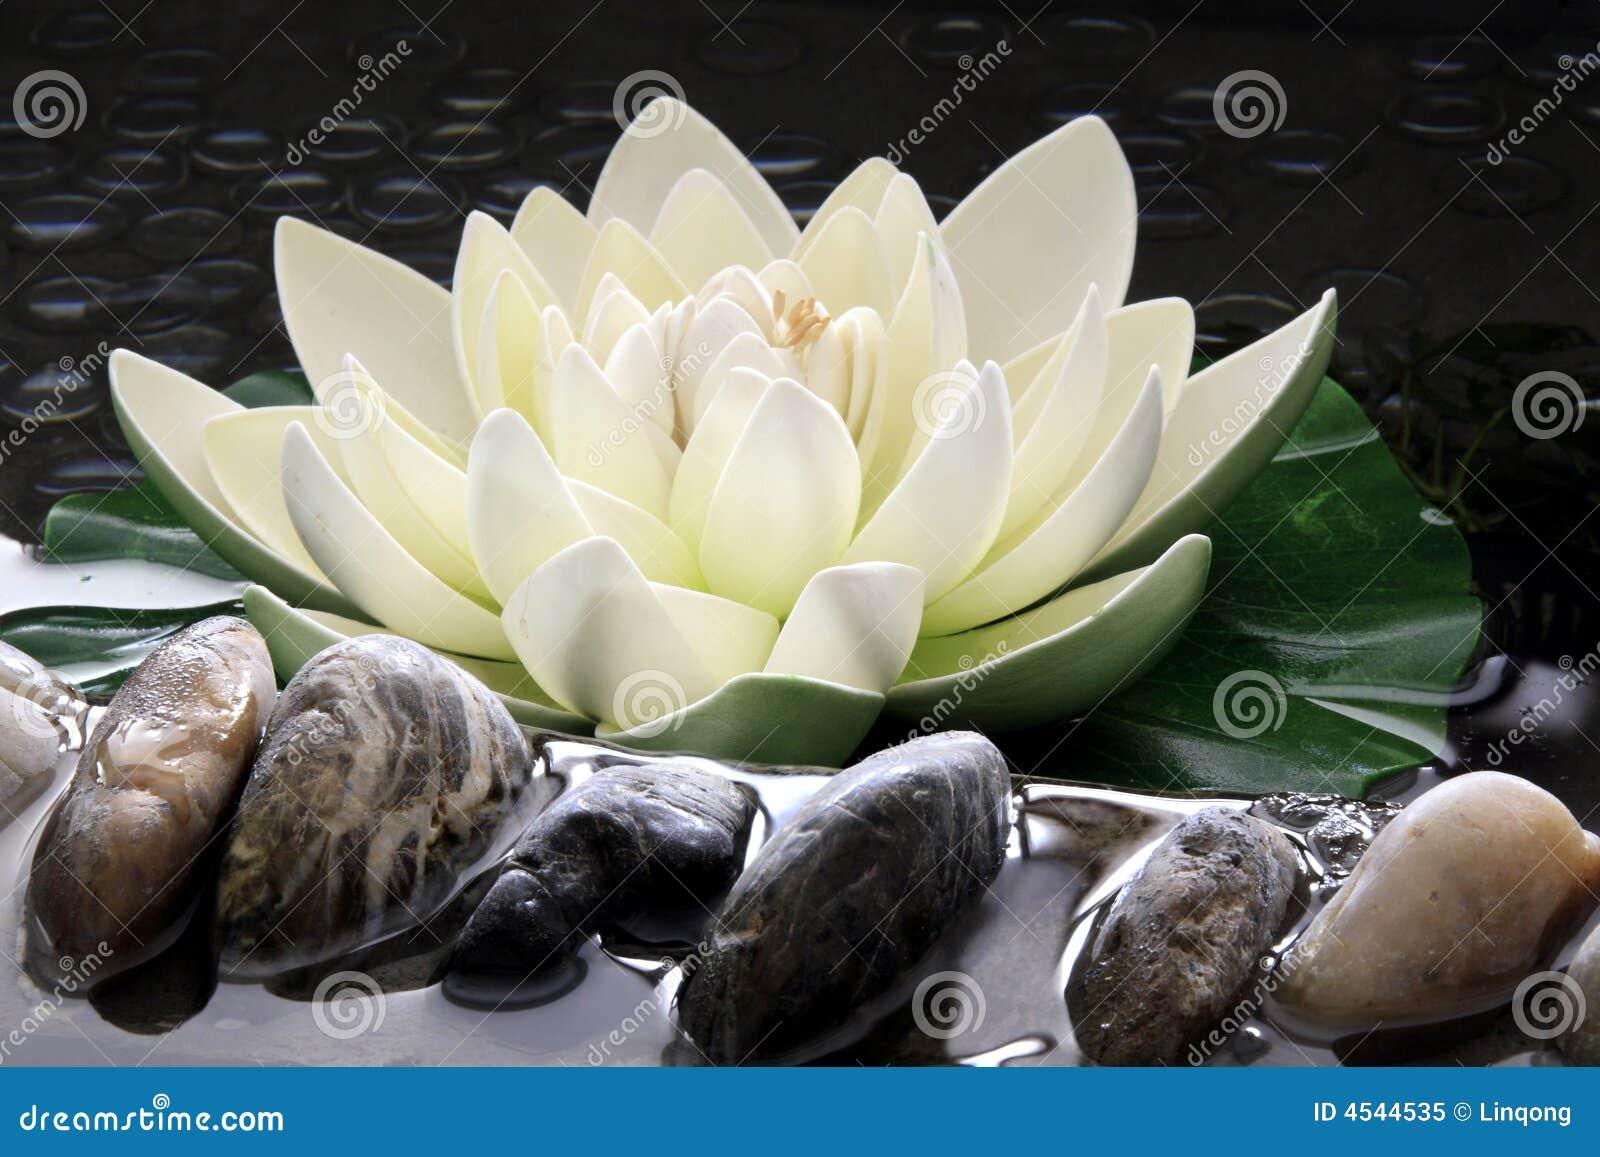 Le lotus artificiel photo libre de droits image 4544535 - La fleur de lotus ...